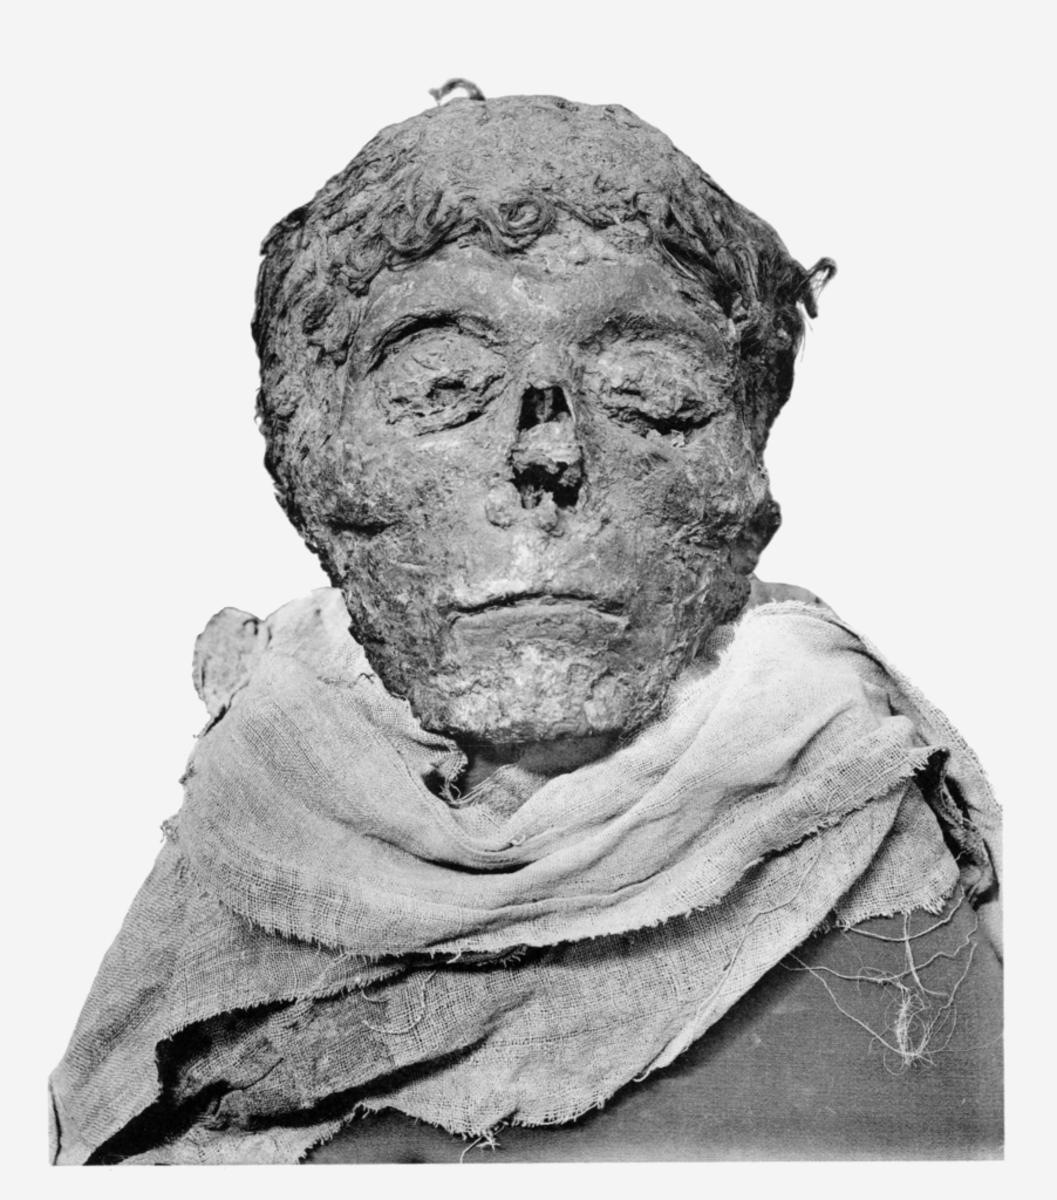 The mummified head of Egyptian pharaoh King Ahmose I.